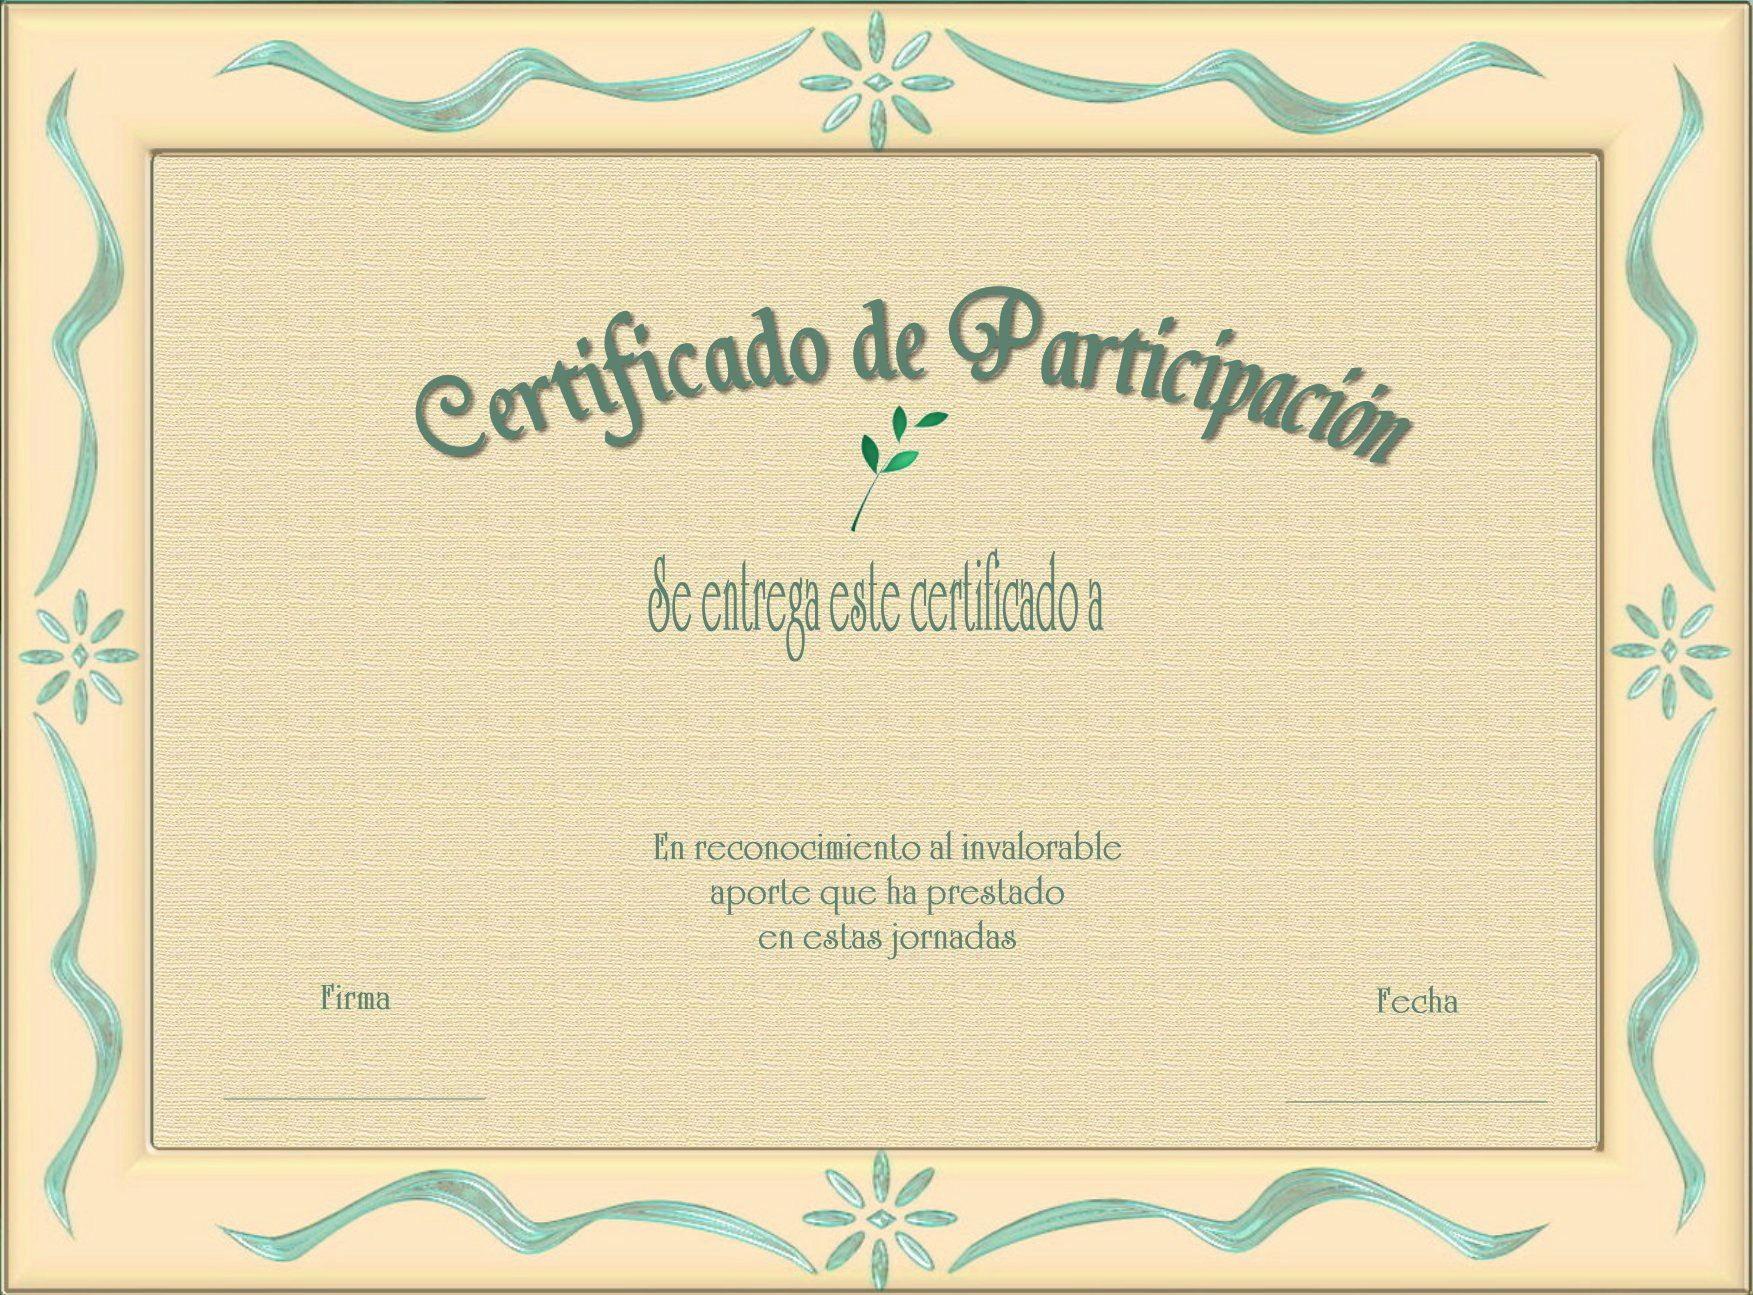 Certificado De Agradecimiento Y Apreciacion Beautiful Certificados De Reconocimiento Cristianos Imagen